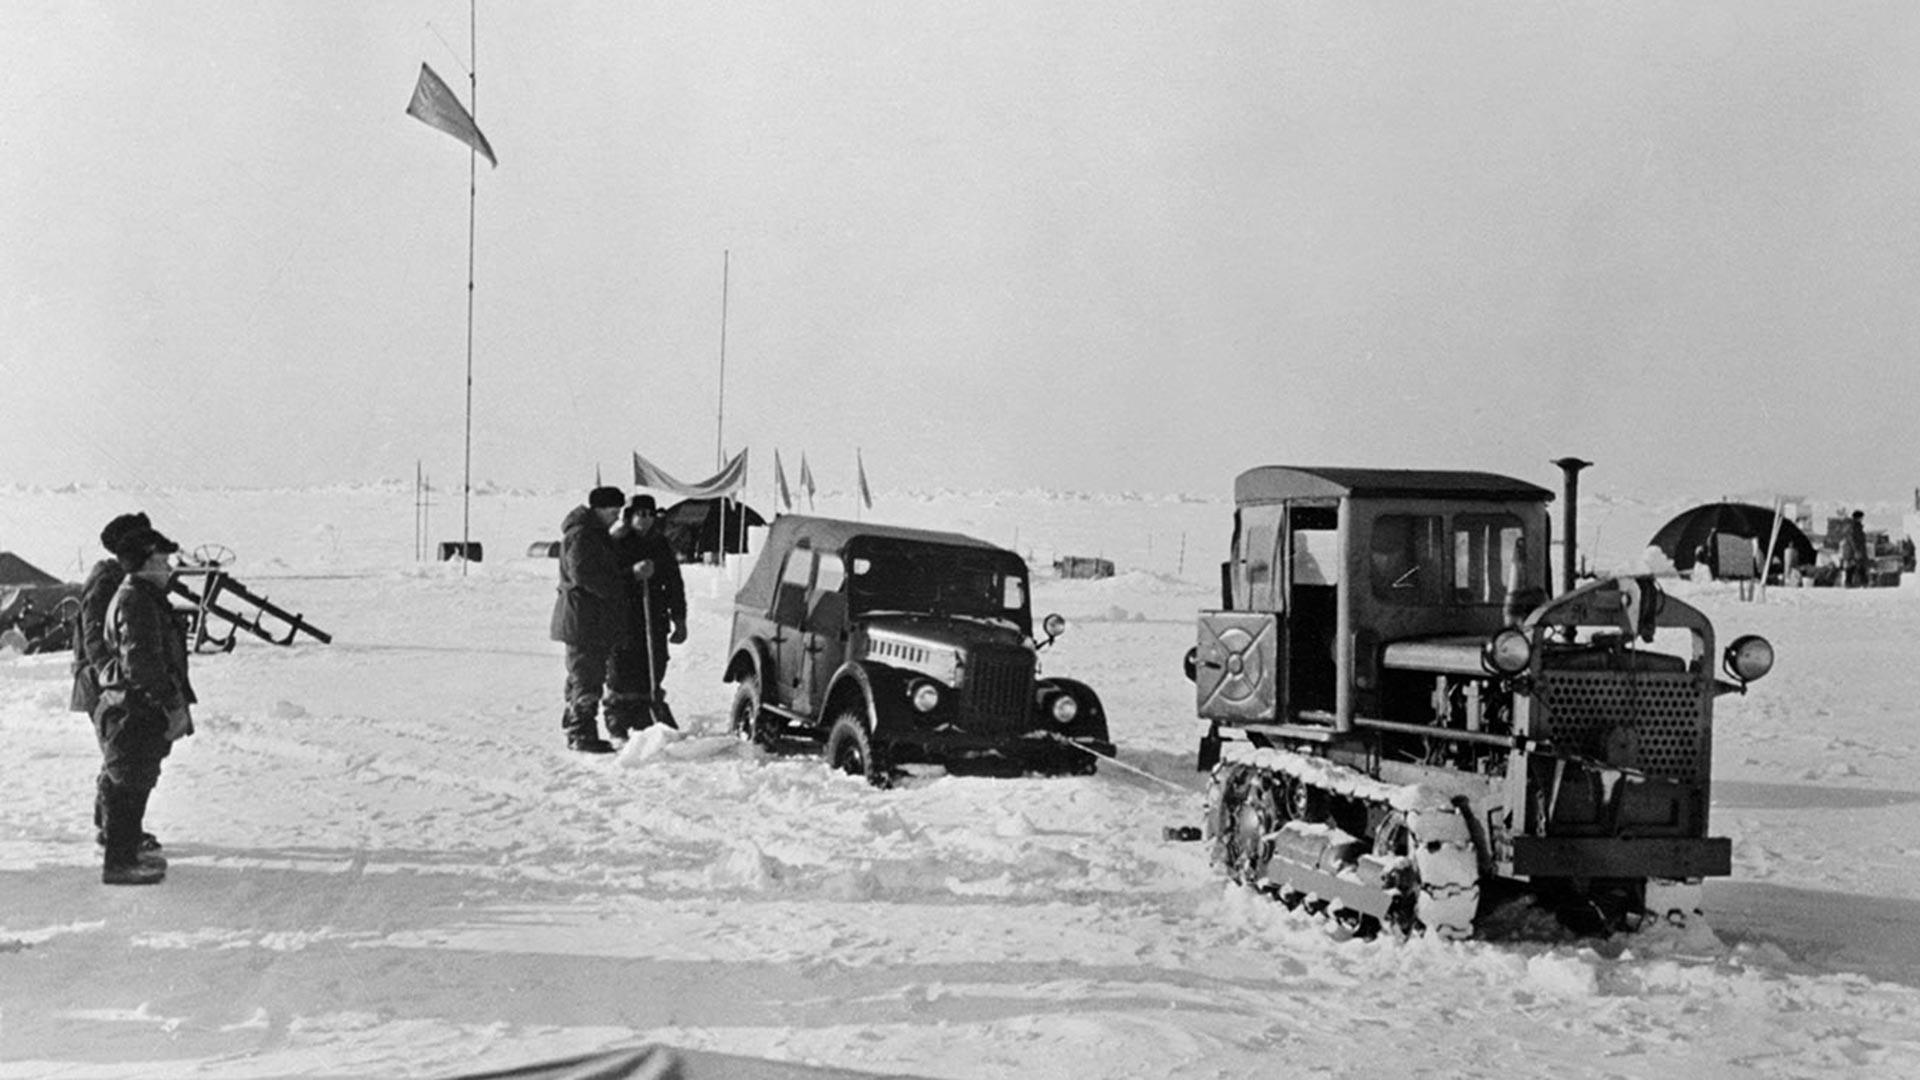 Un trattore va in aiuto di un'auto rimasta incastrata in una delle stazioni di osservazione allestite dagli scienziati dell'Unione Sovietica nella regione artica